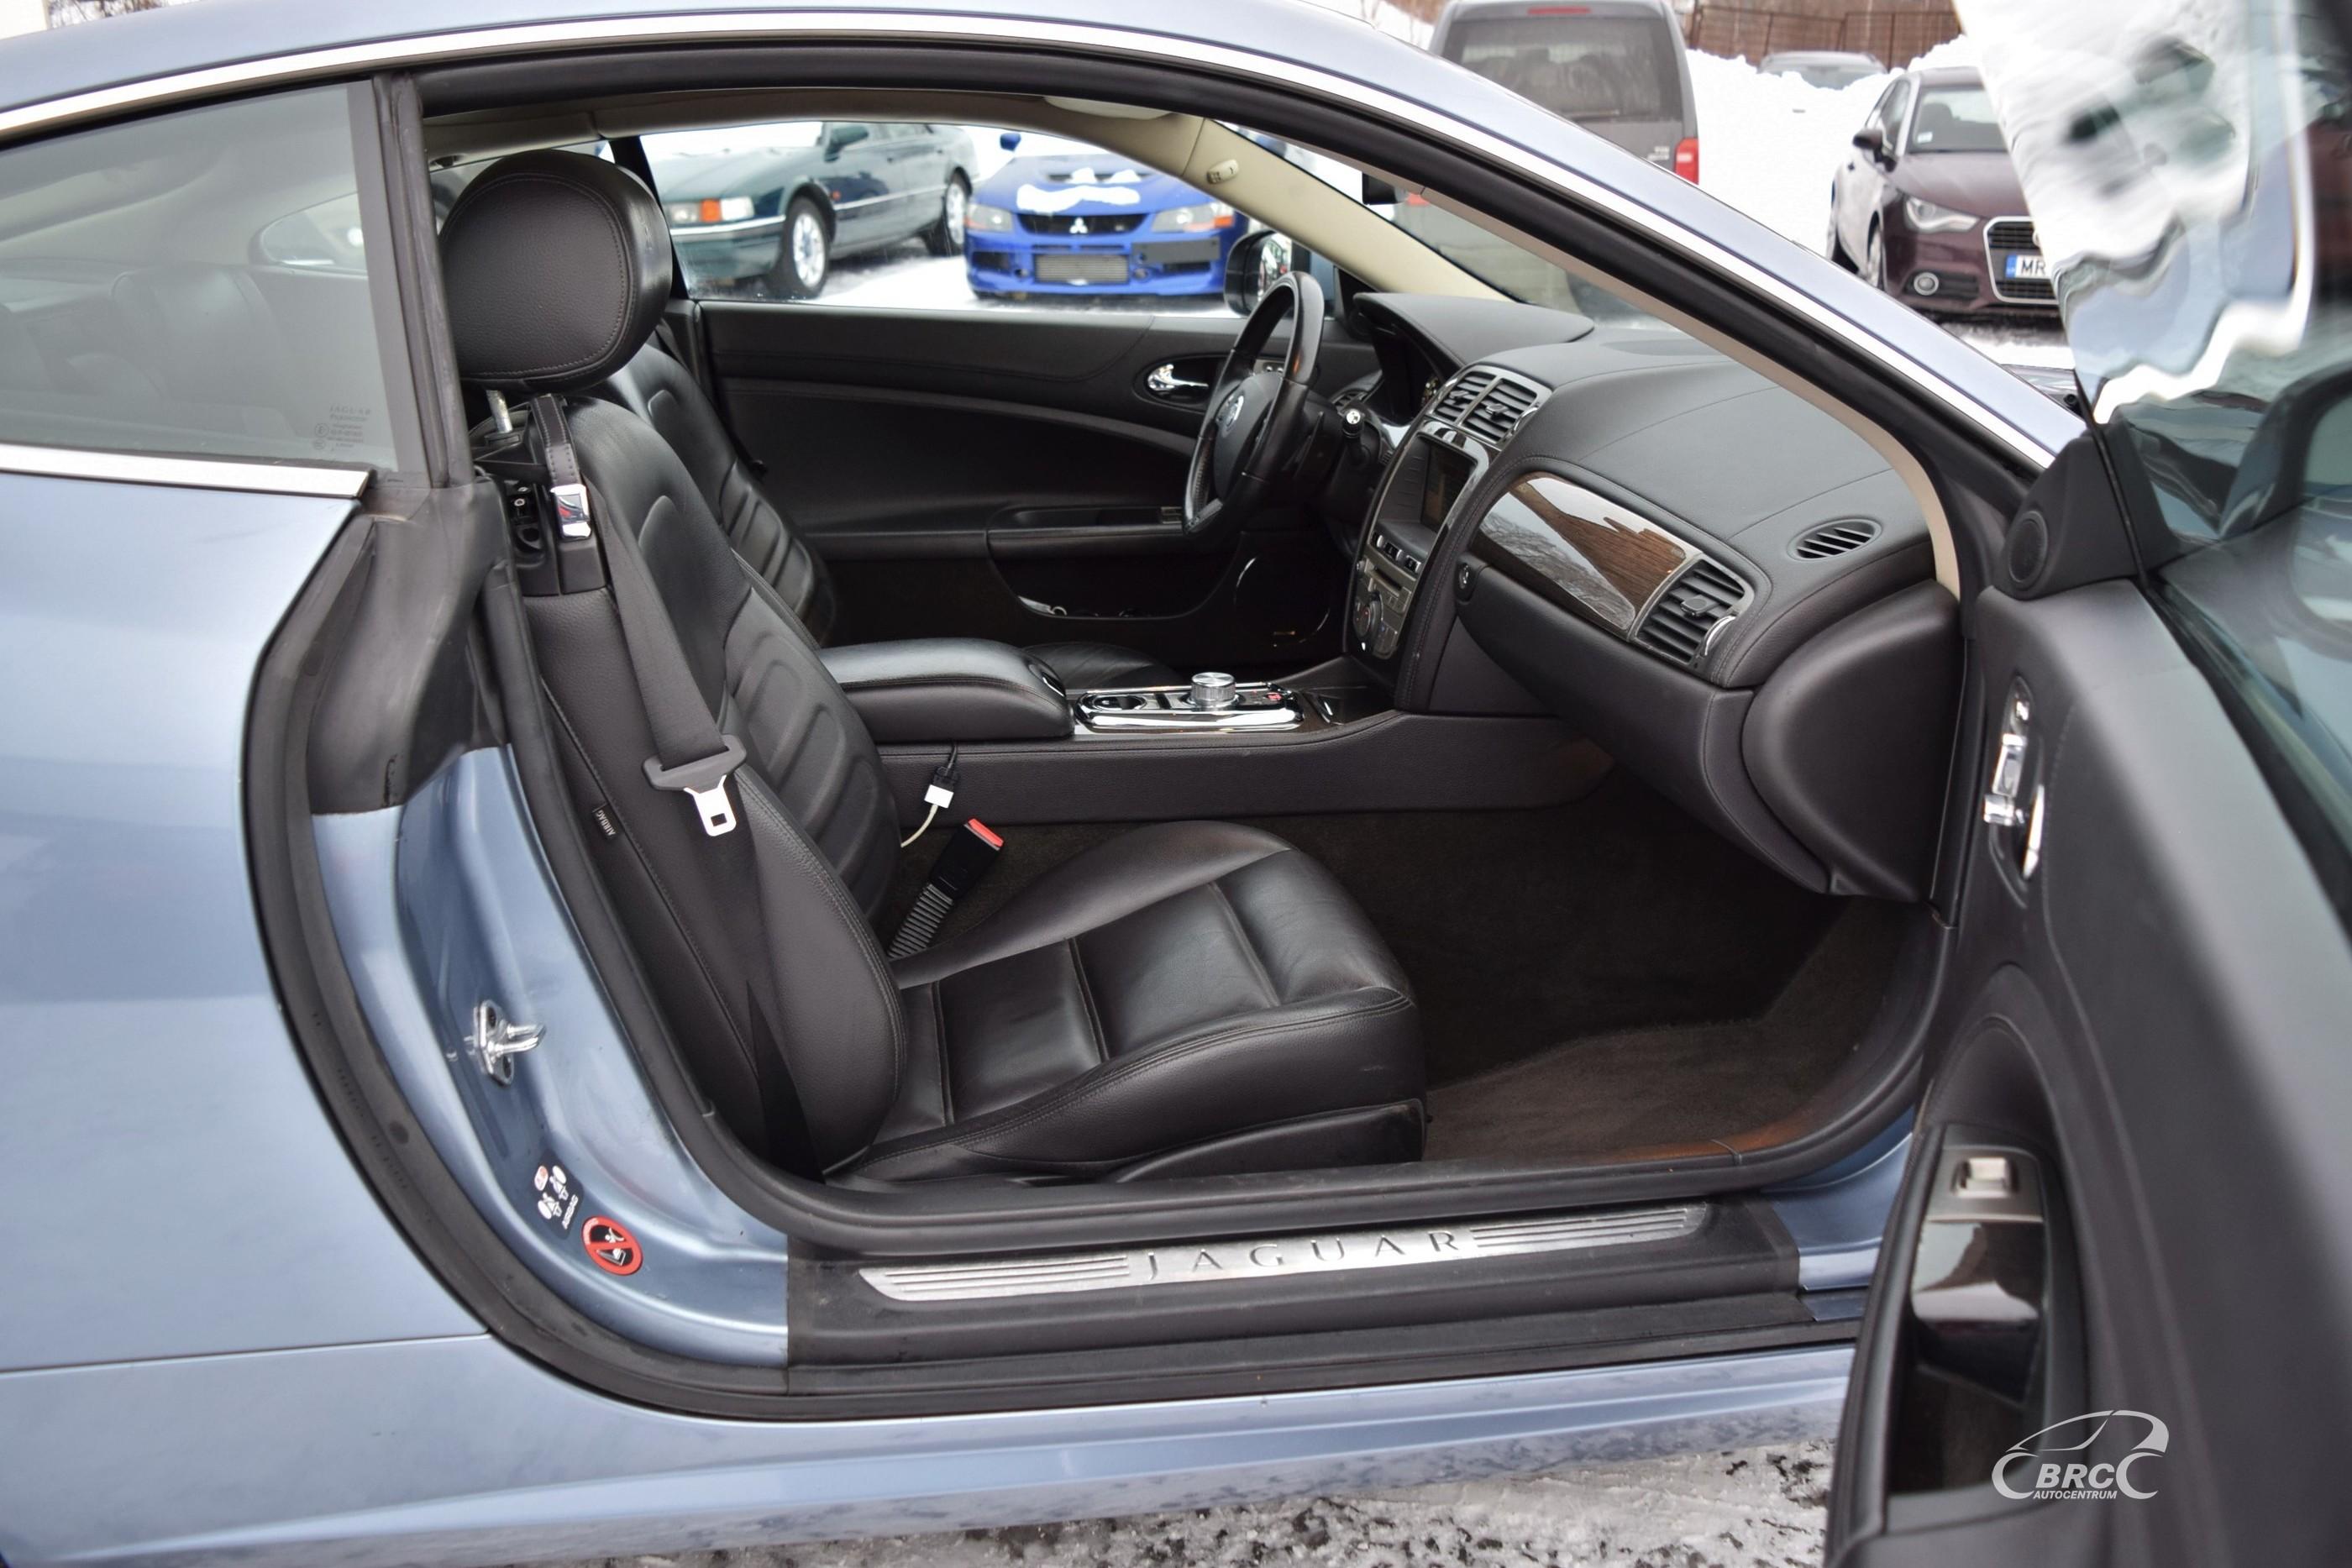 Jaguar XKR Supercharged